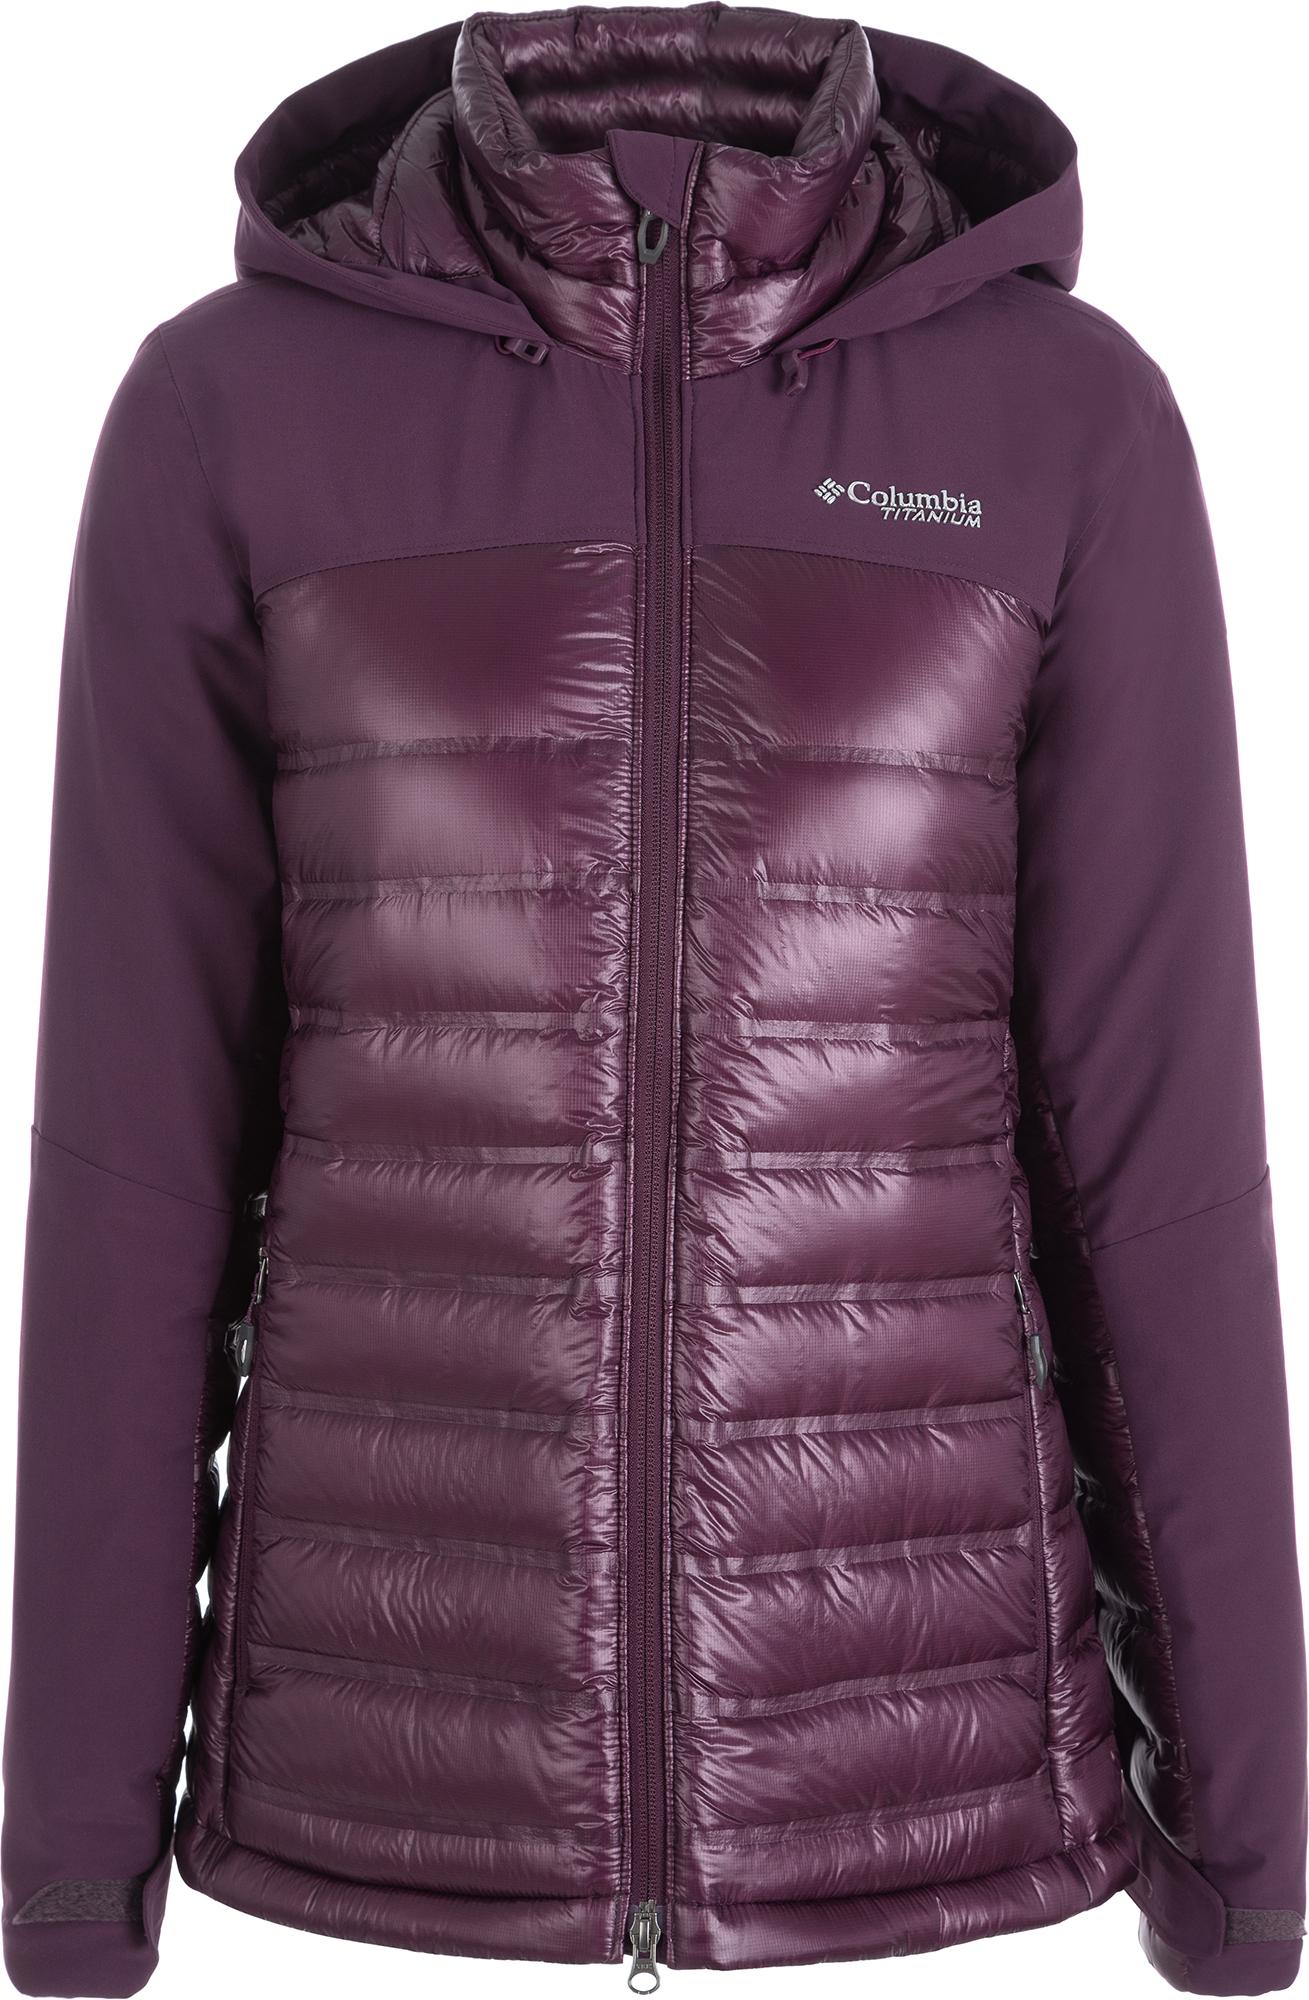 Columbia Куртка пуховая женская Heatzone 1000 TurboDown II, размер 50